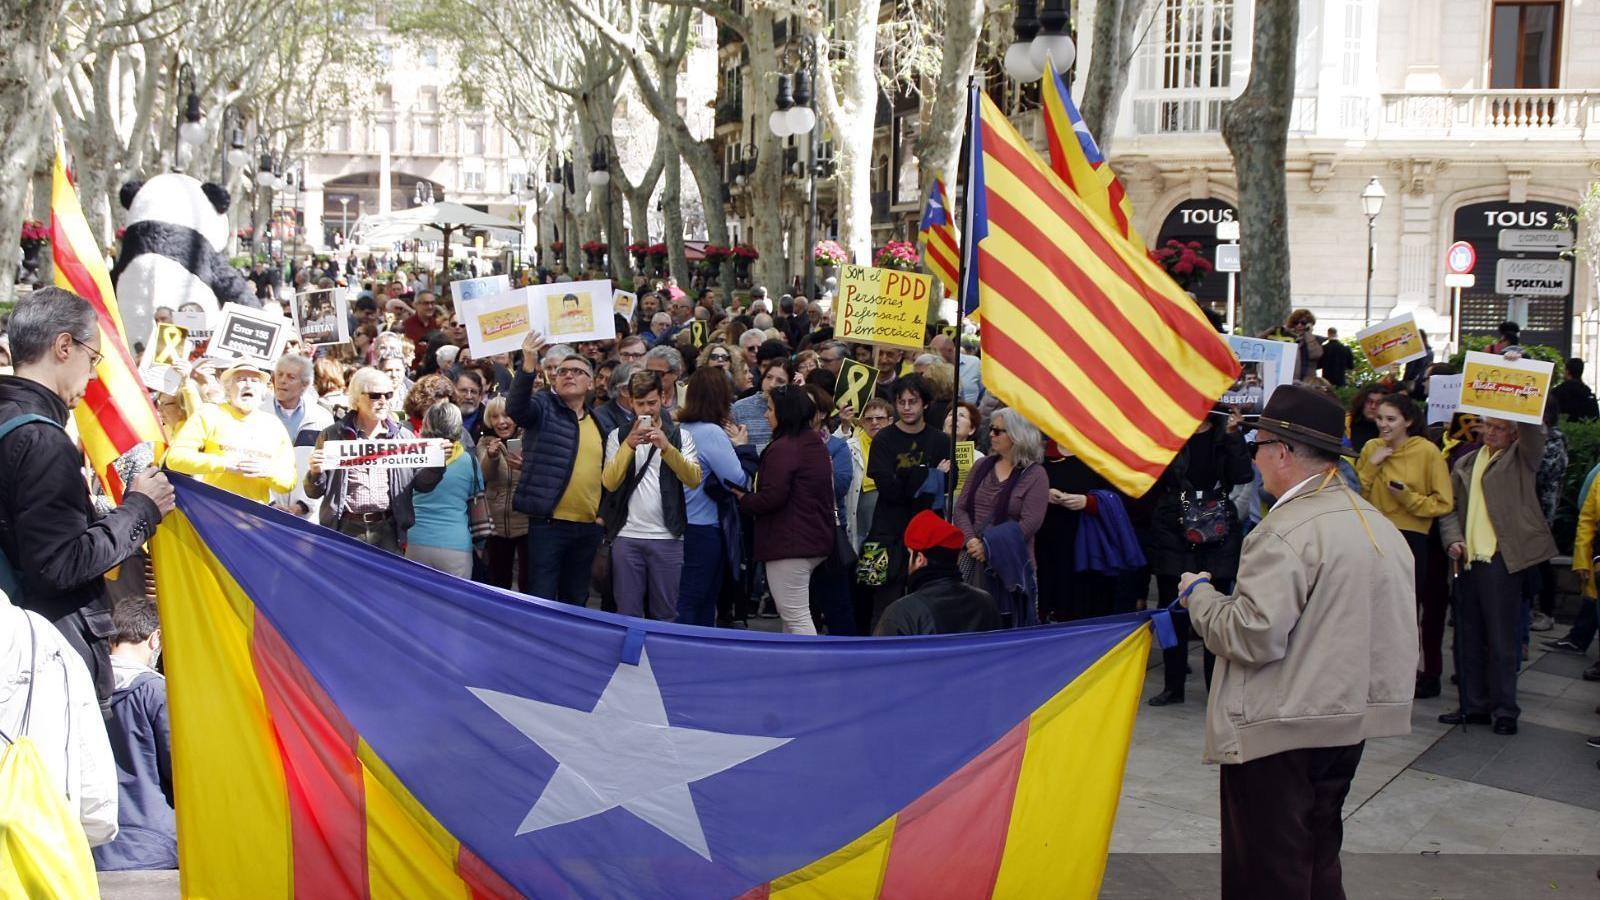 """Un centenar de persones crida """"No tenim por"""" davant la Delegació del govern. / JAUME ROSSELLÓ"""